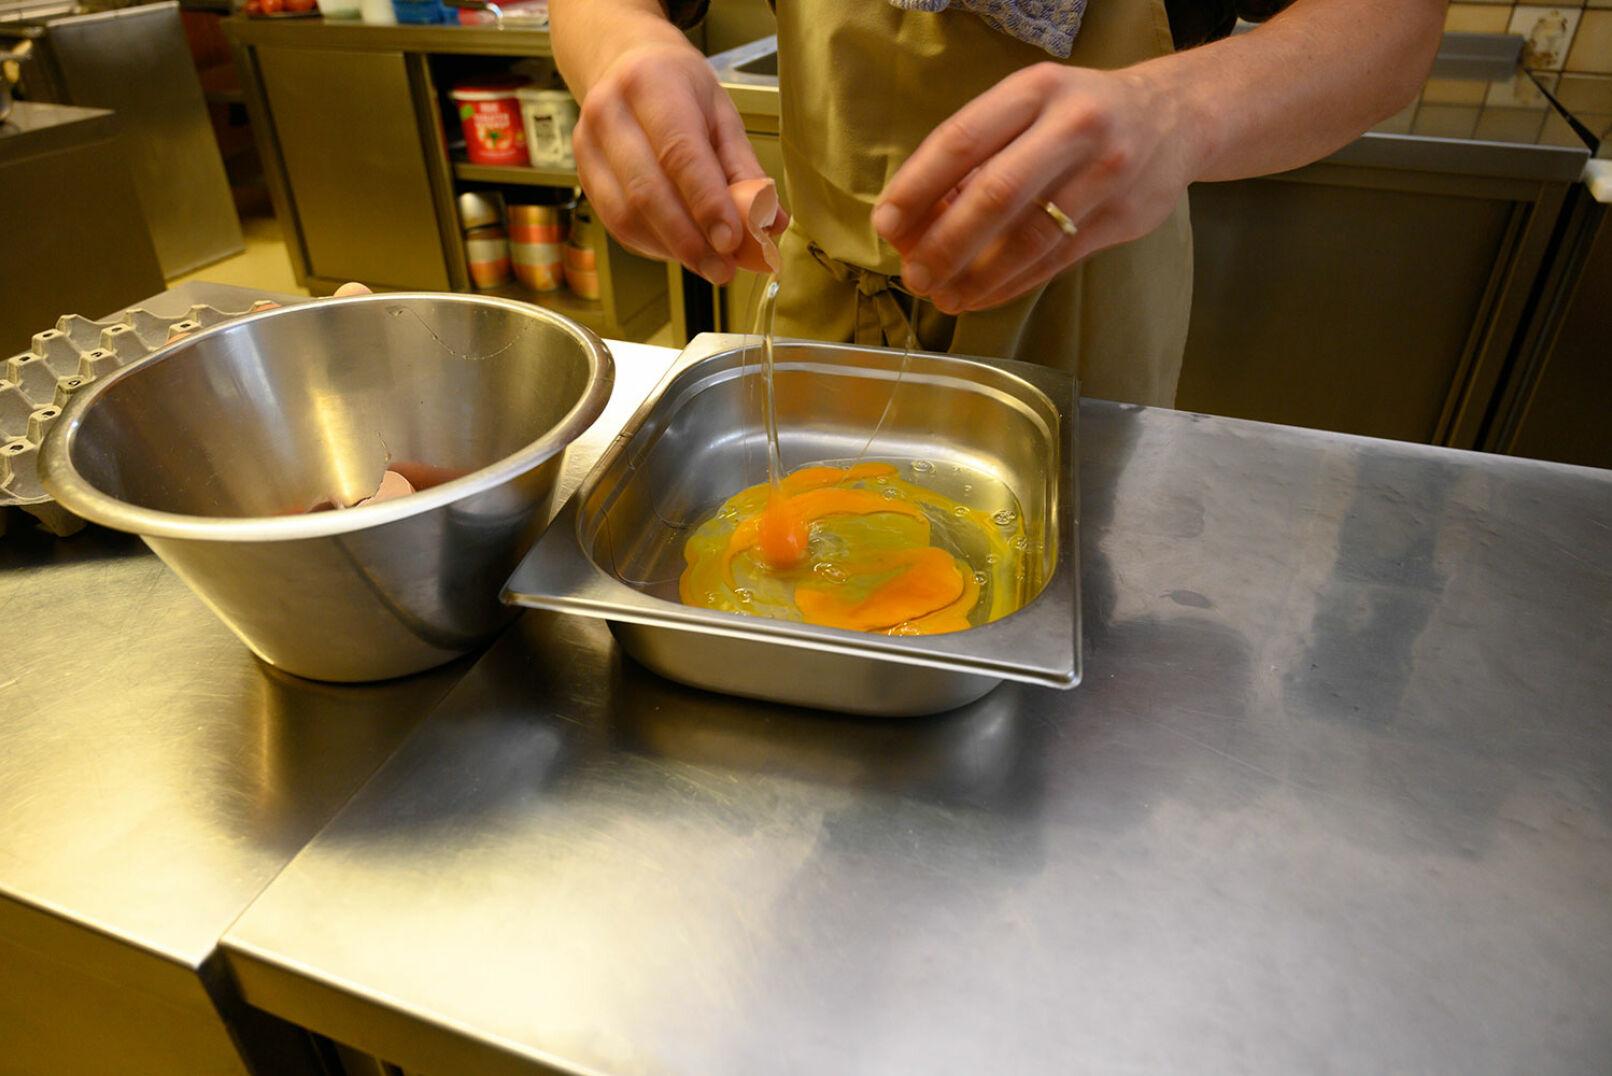 Vier Eier aufschlagen und 100ml Milch für die Ei-Milch-Mischung hinzufügen. - © Barbara Marko